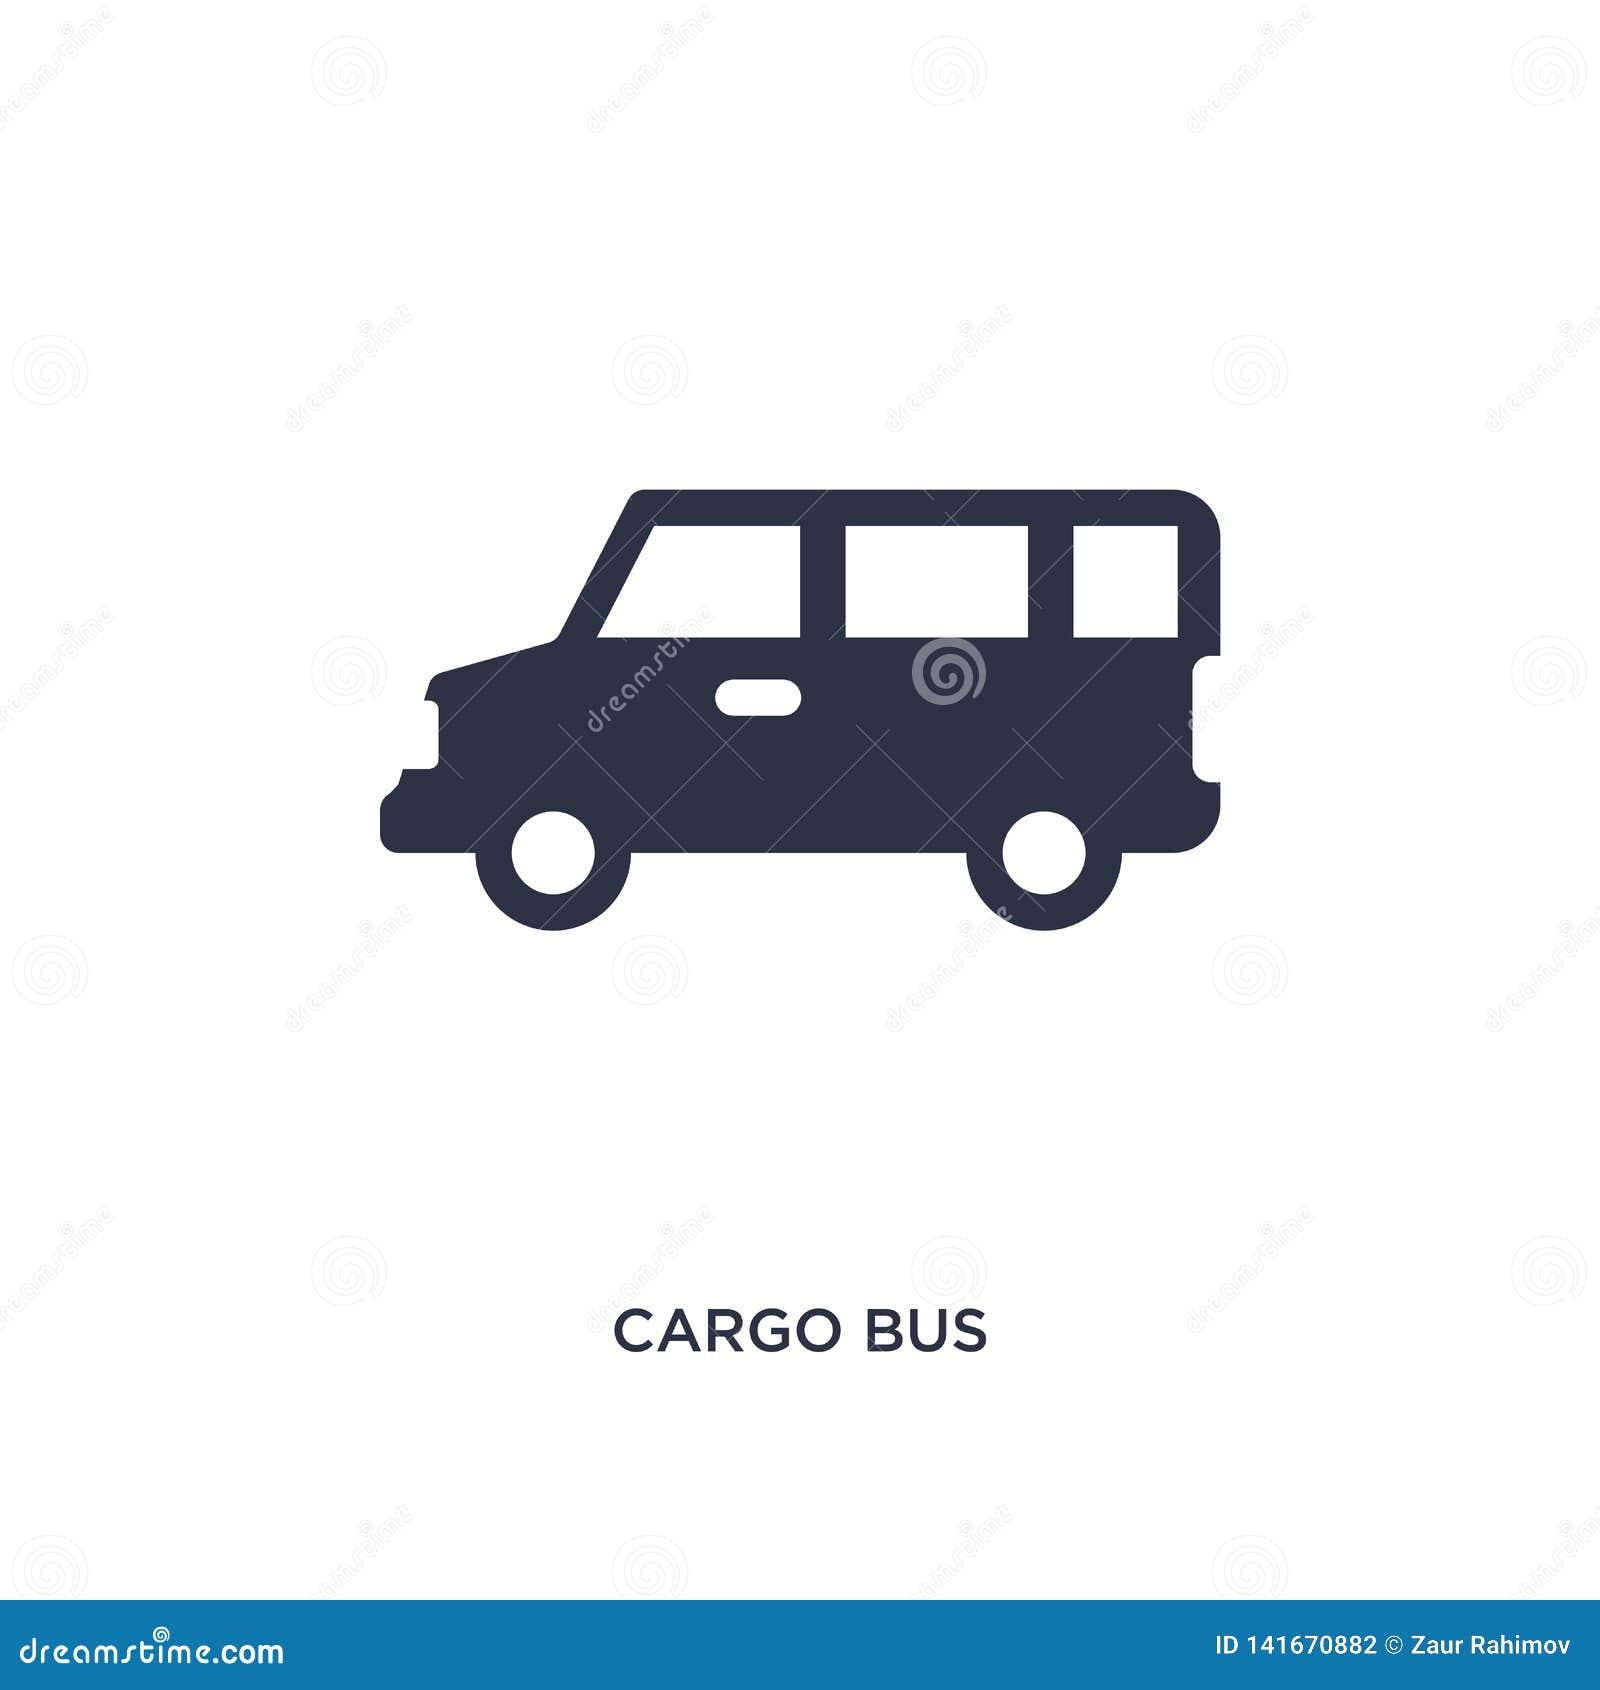 Icono del autobús del cargo en el fondo blanco Ejemplo simple del elemento del concepto de la entrega y de la logística